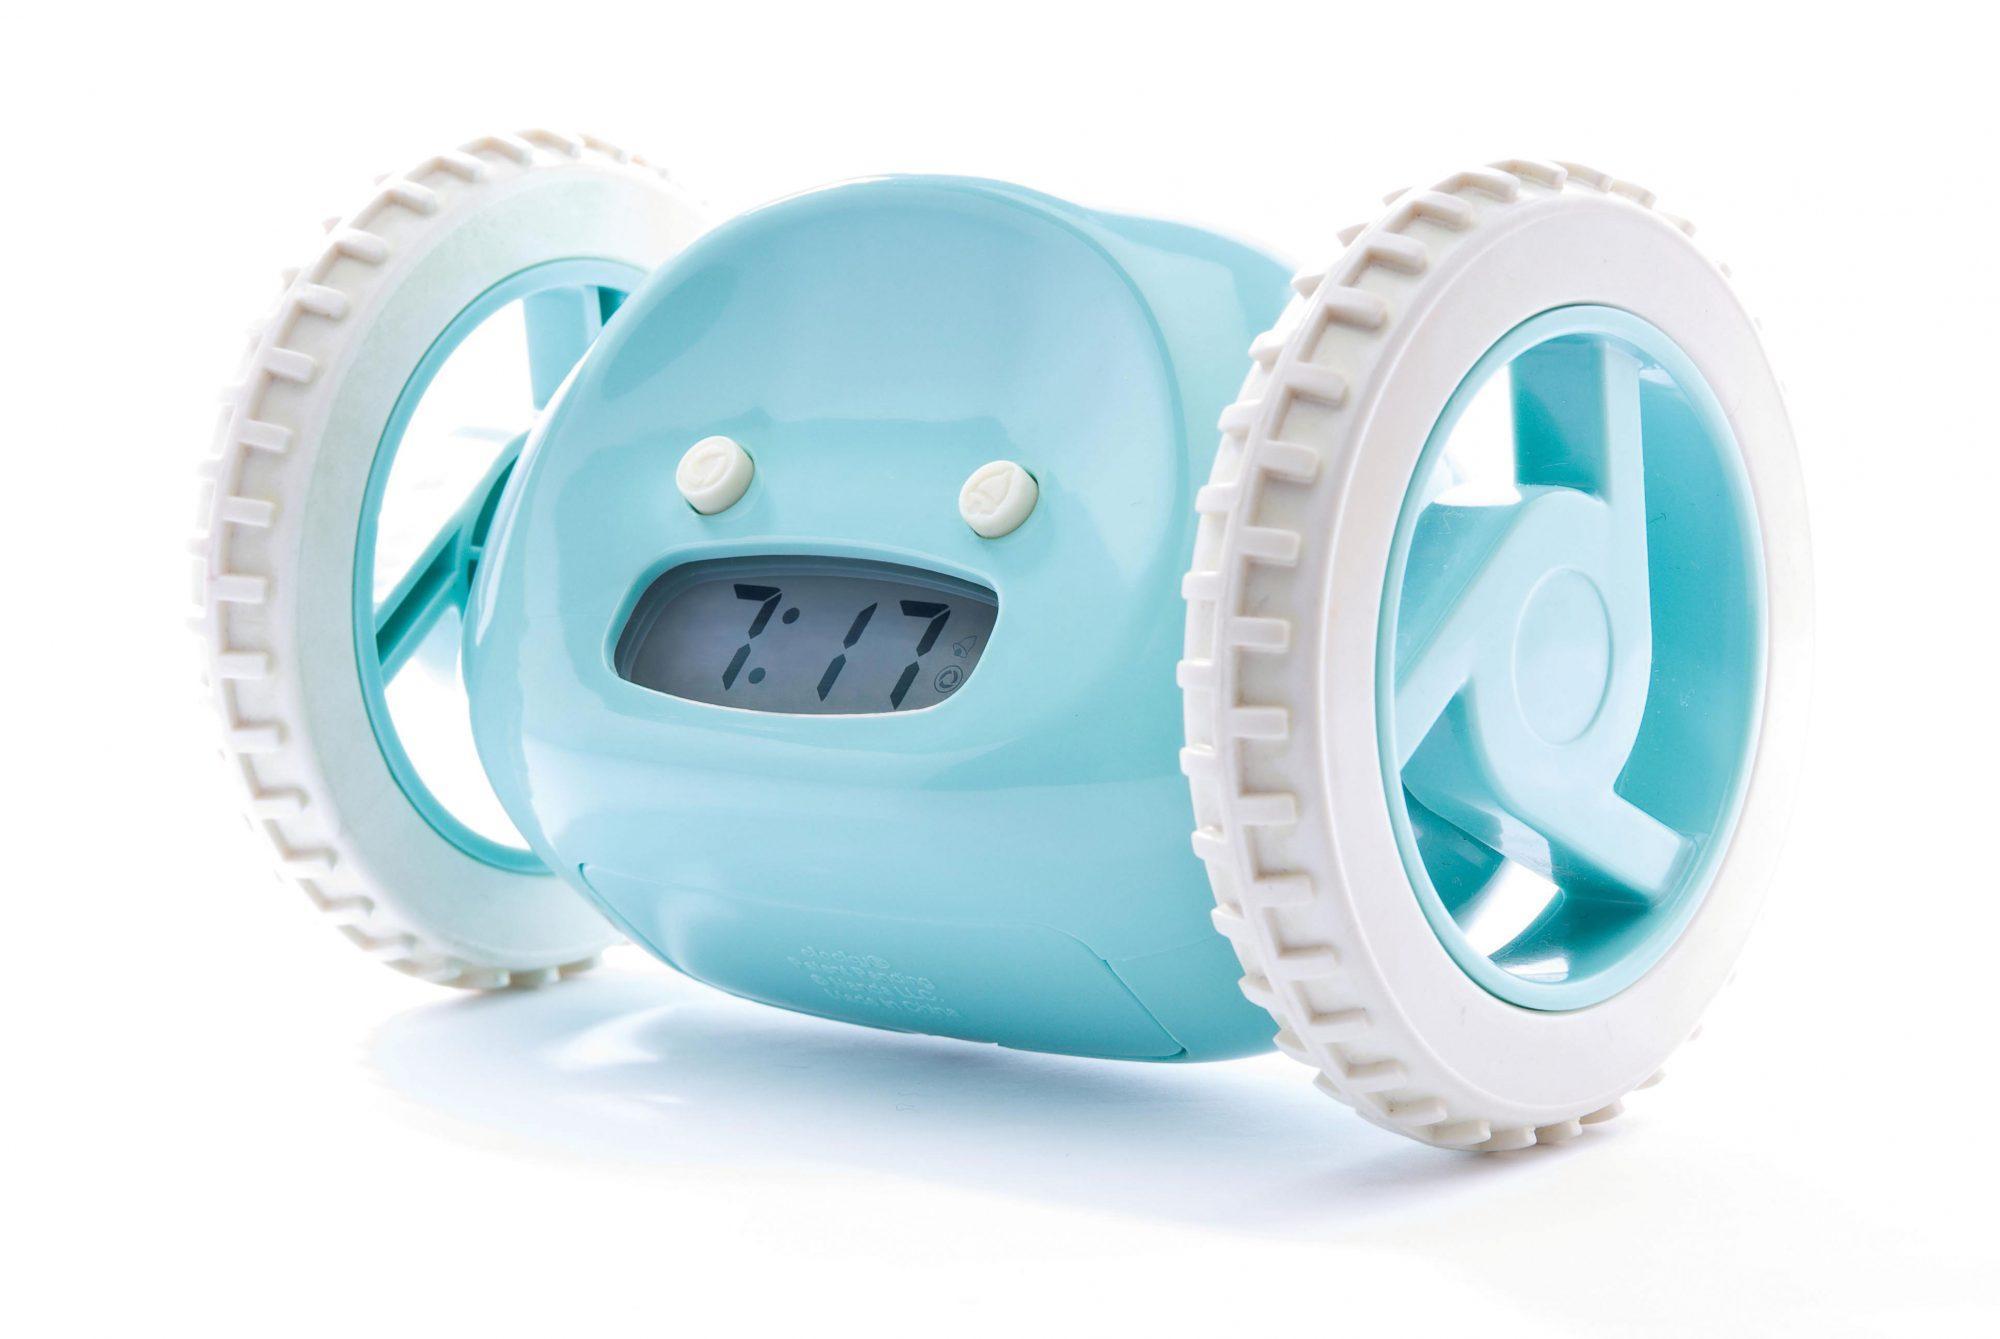 EC: The Most Aggressive Alarm Clocks in the World